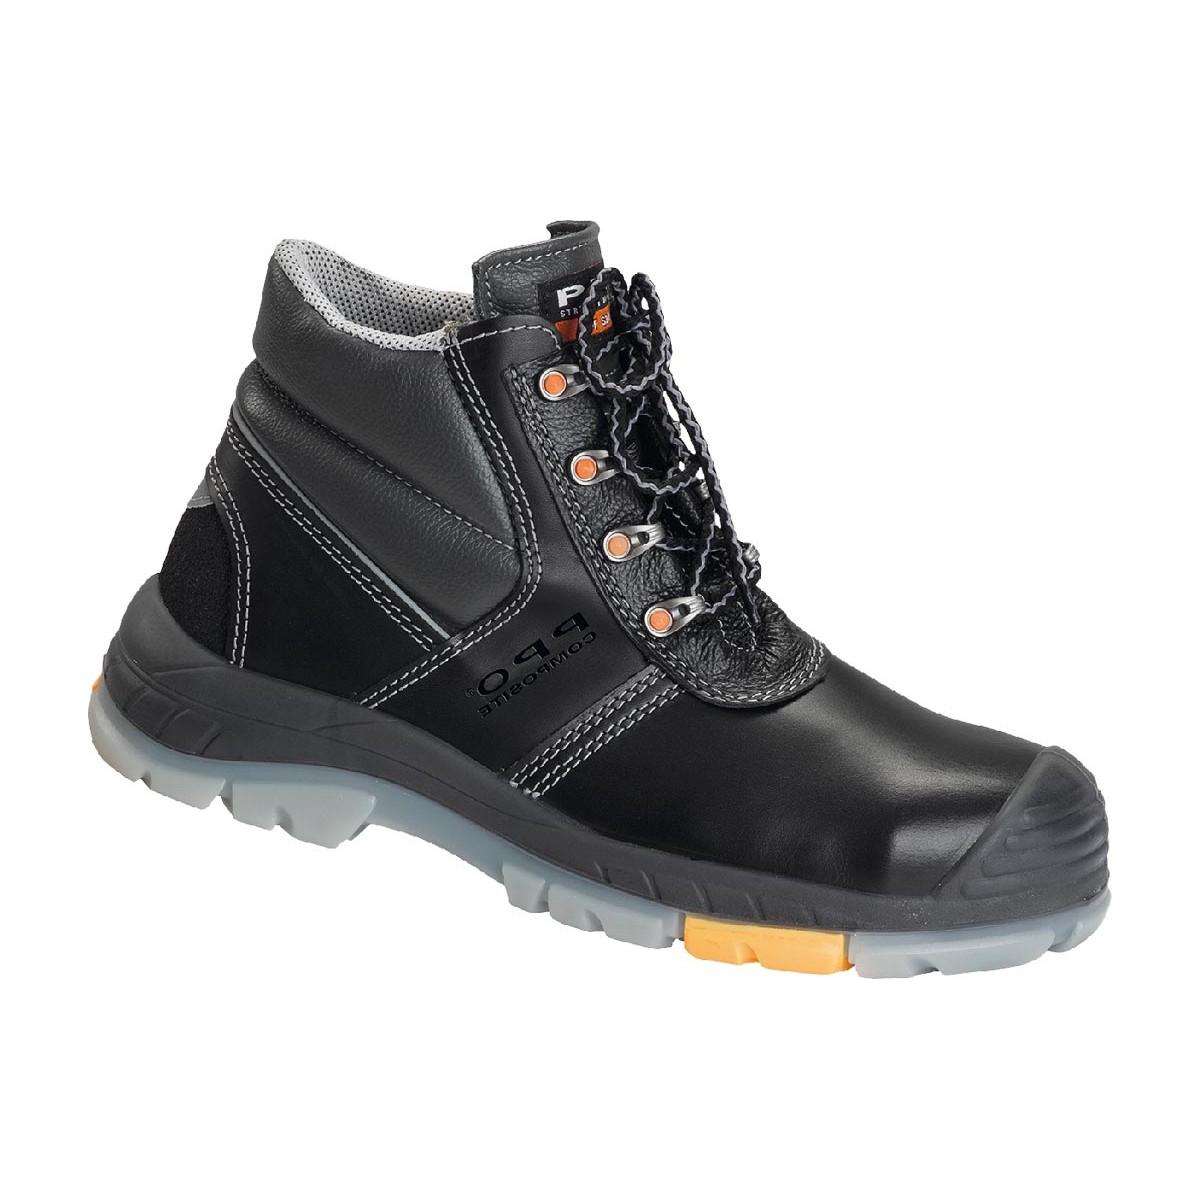 a4945c89b98138 Buty trzewiki bezpieczne z podnoskiem PPO T705 S3 HI CI SRC r. 39 - 47